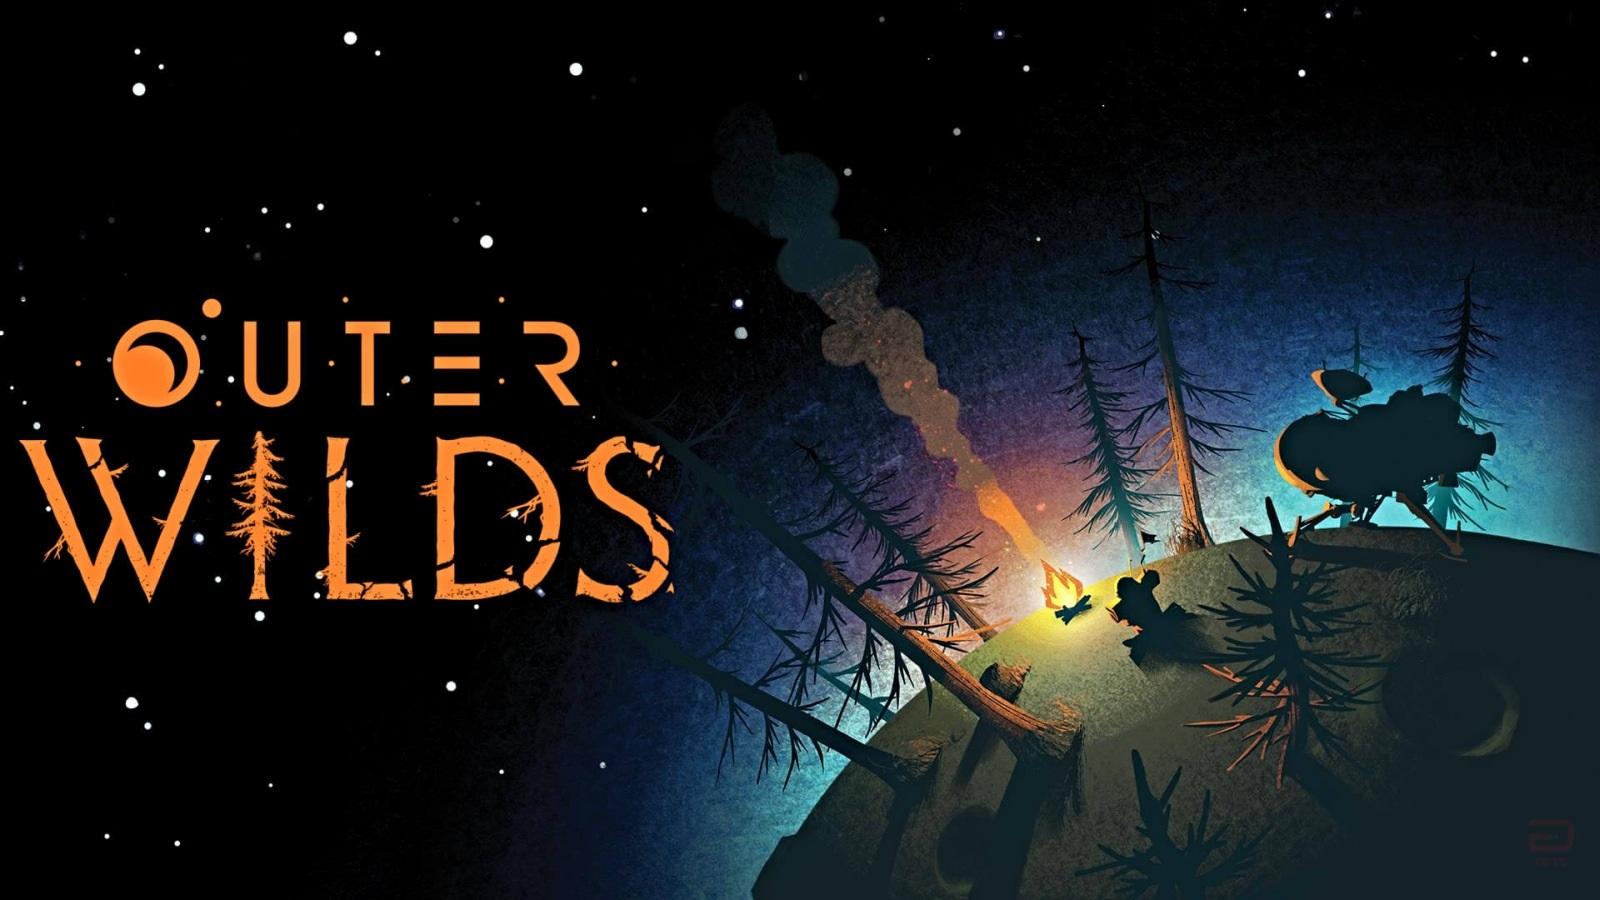 Hry roku 2019 podle Zingu: Ondřej Partl outer wilds cover